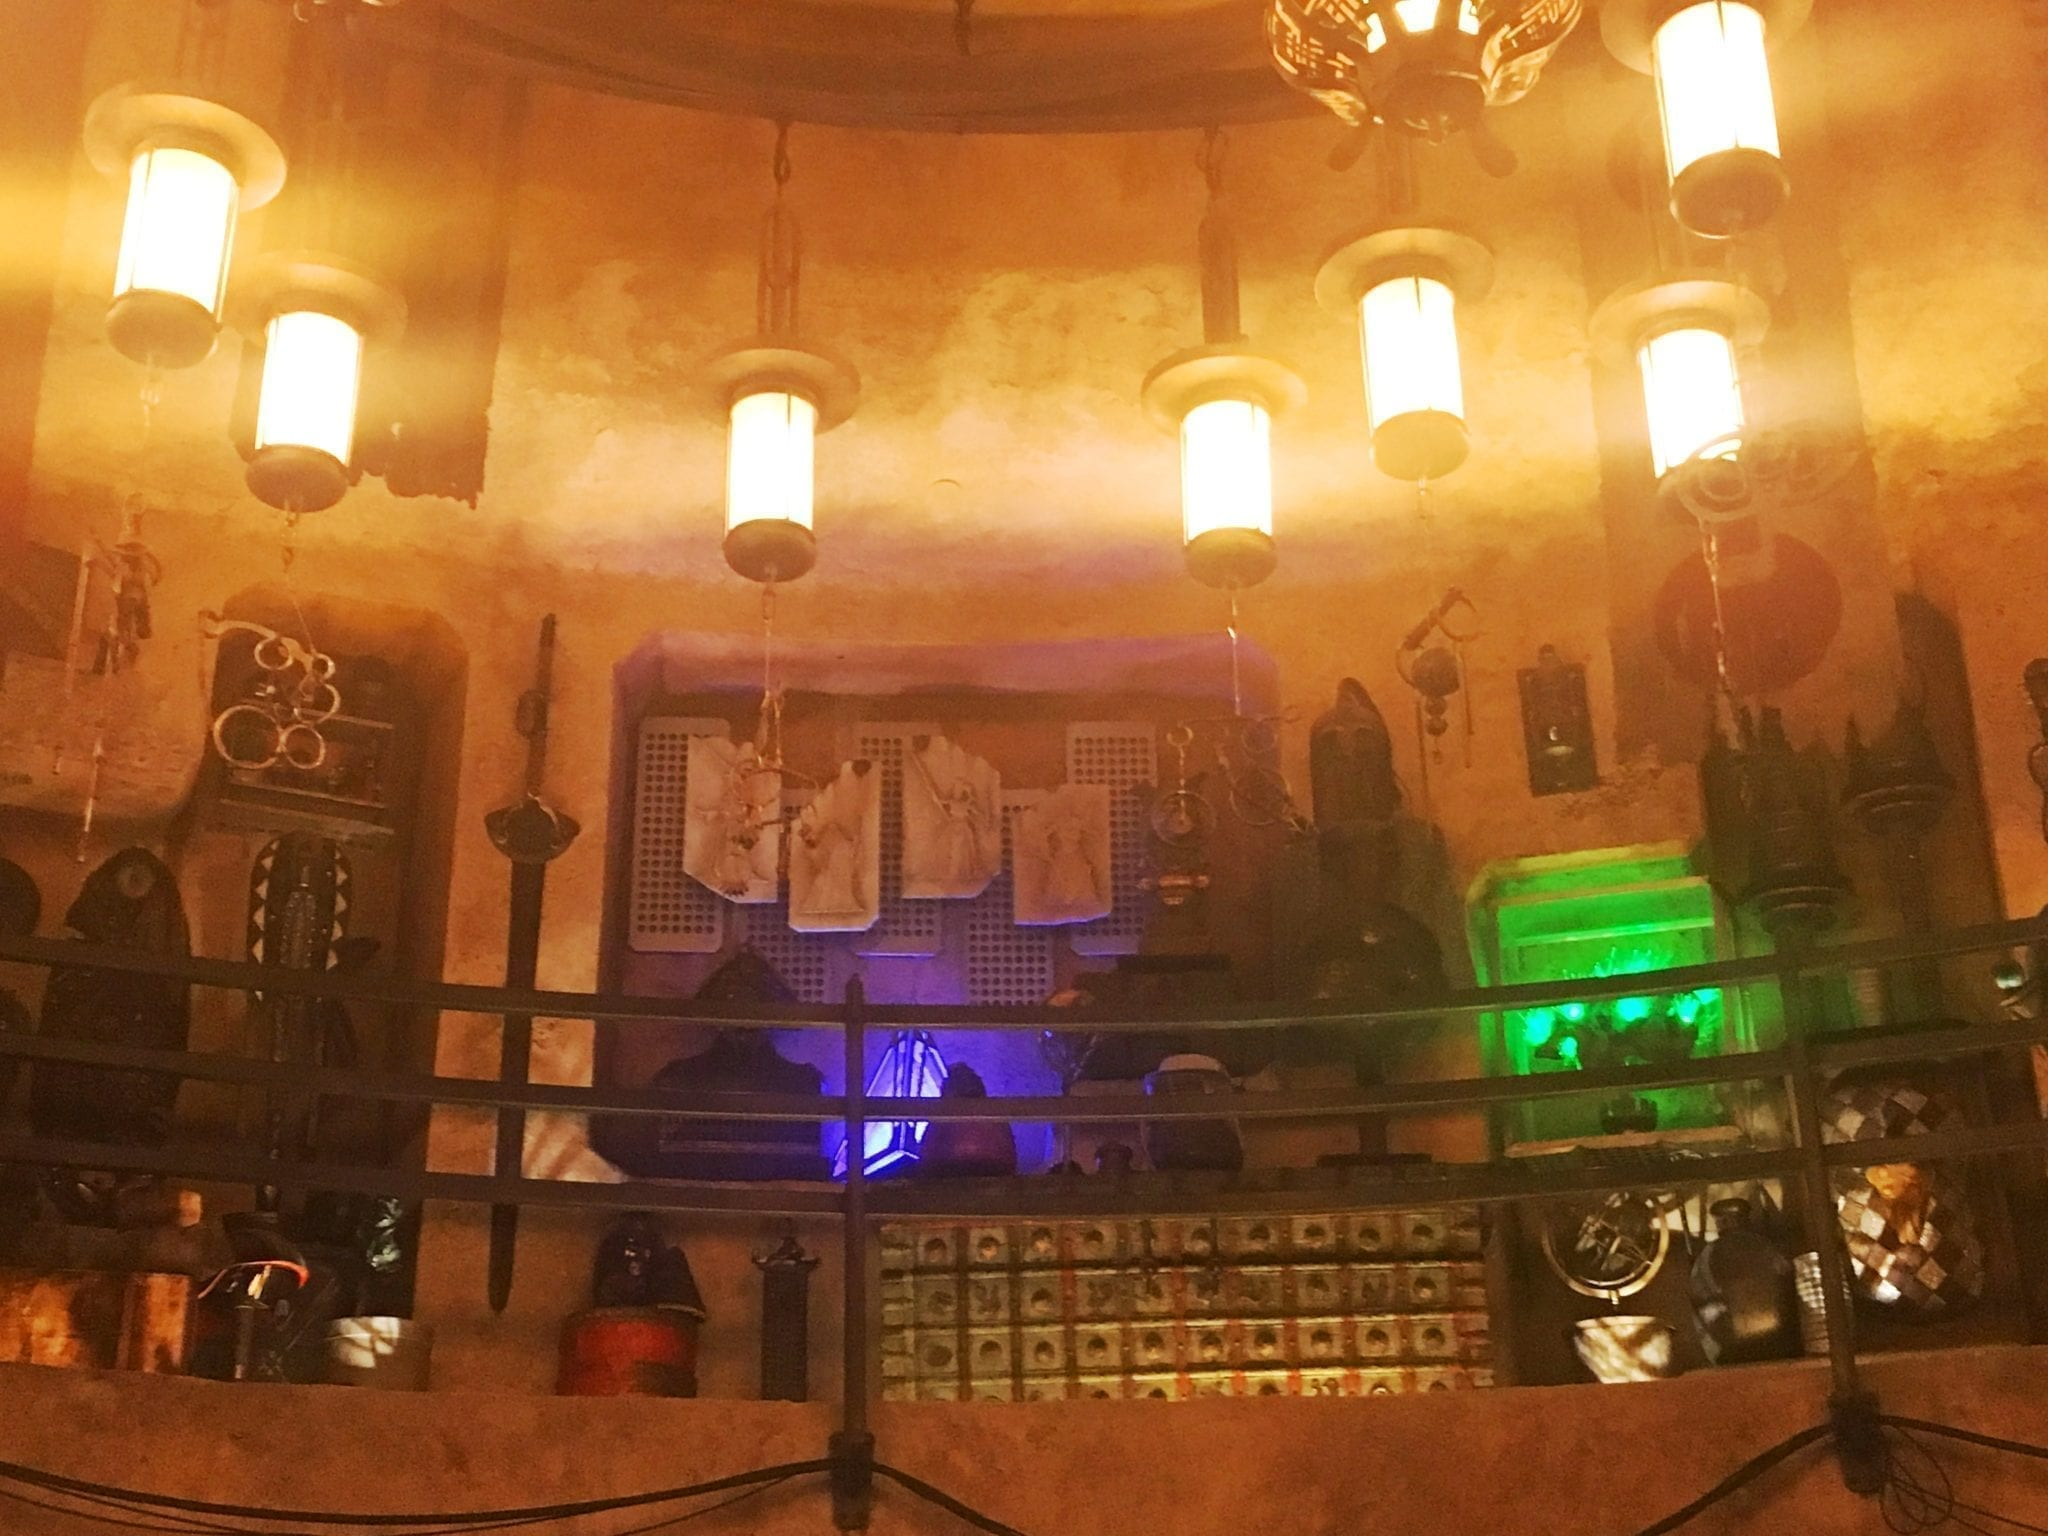 Den of Antiquities